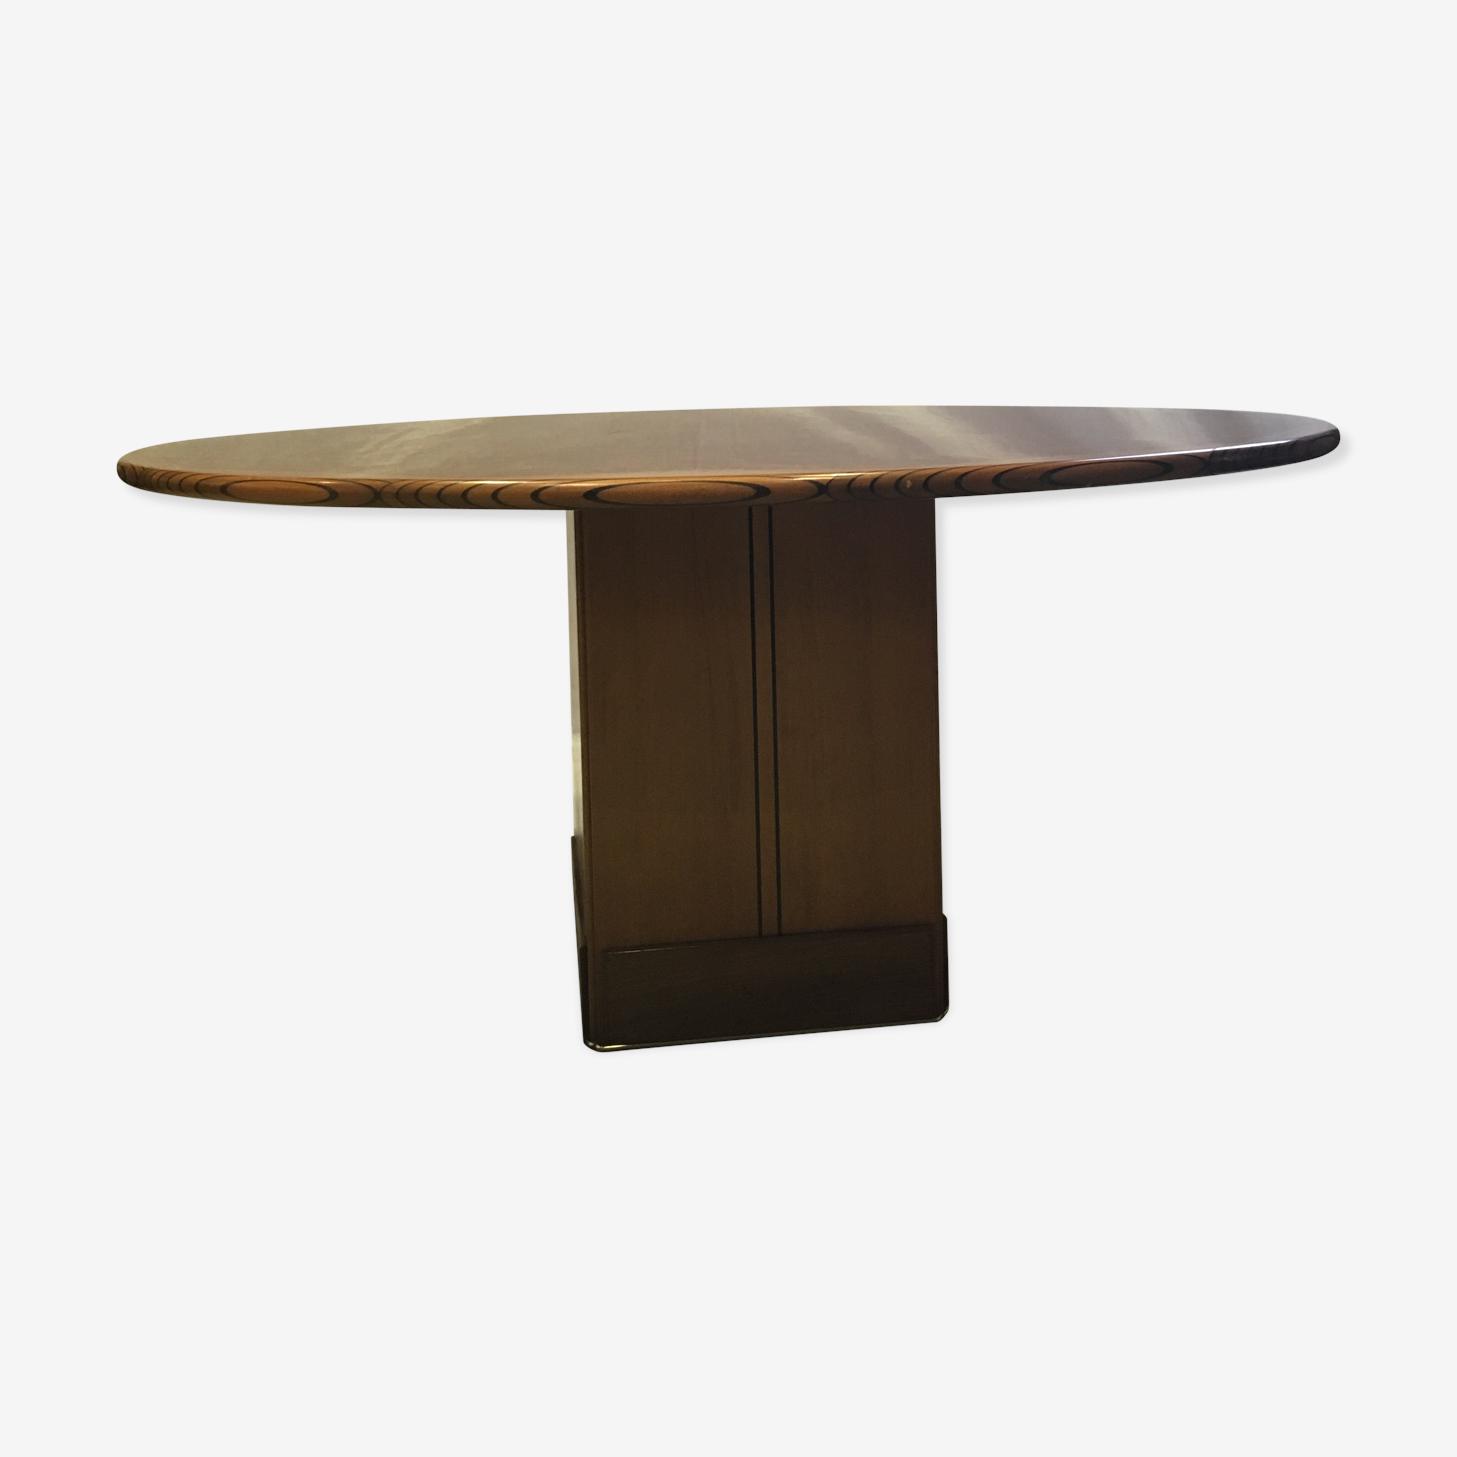 Table ronde par Tobia et Afra Scarpa  édition Artona